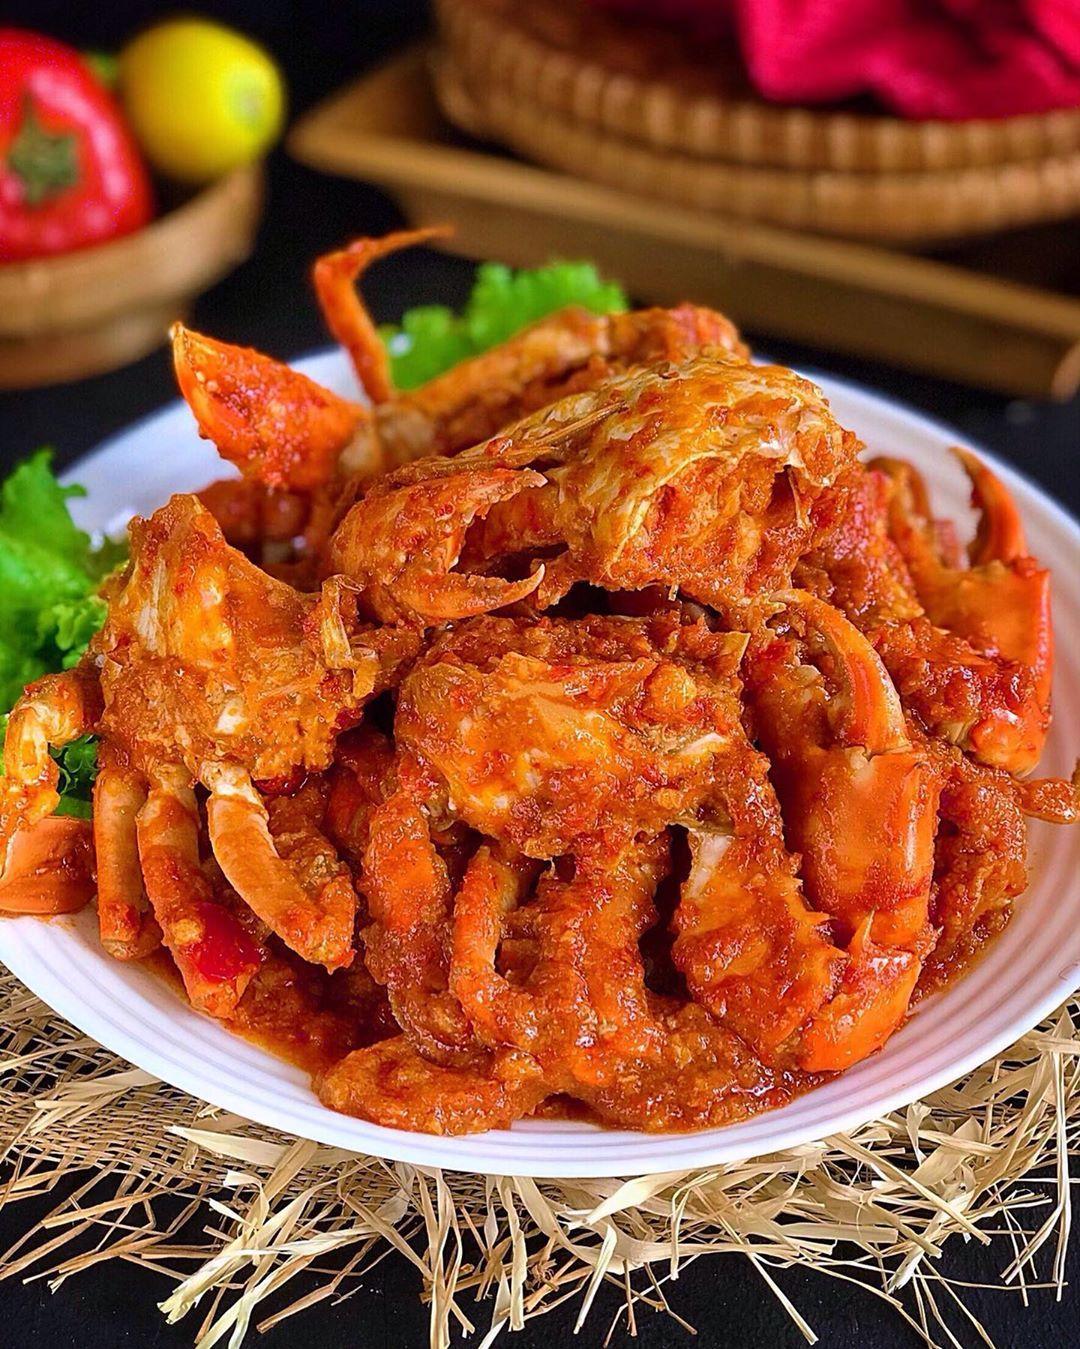 Resep Kepiting Kuah : resep, kepiting, Resep, Kepiting, Pedas, Membuat, Spicy, Chilli, Crabs, Recipes, Lengkap, Memilih, Segar, Murah, Dan…, Kepiting,, Resep,, Seafood